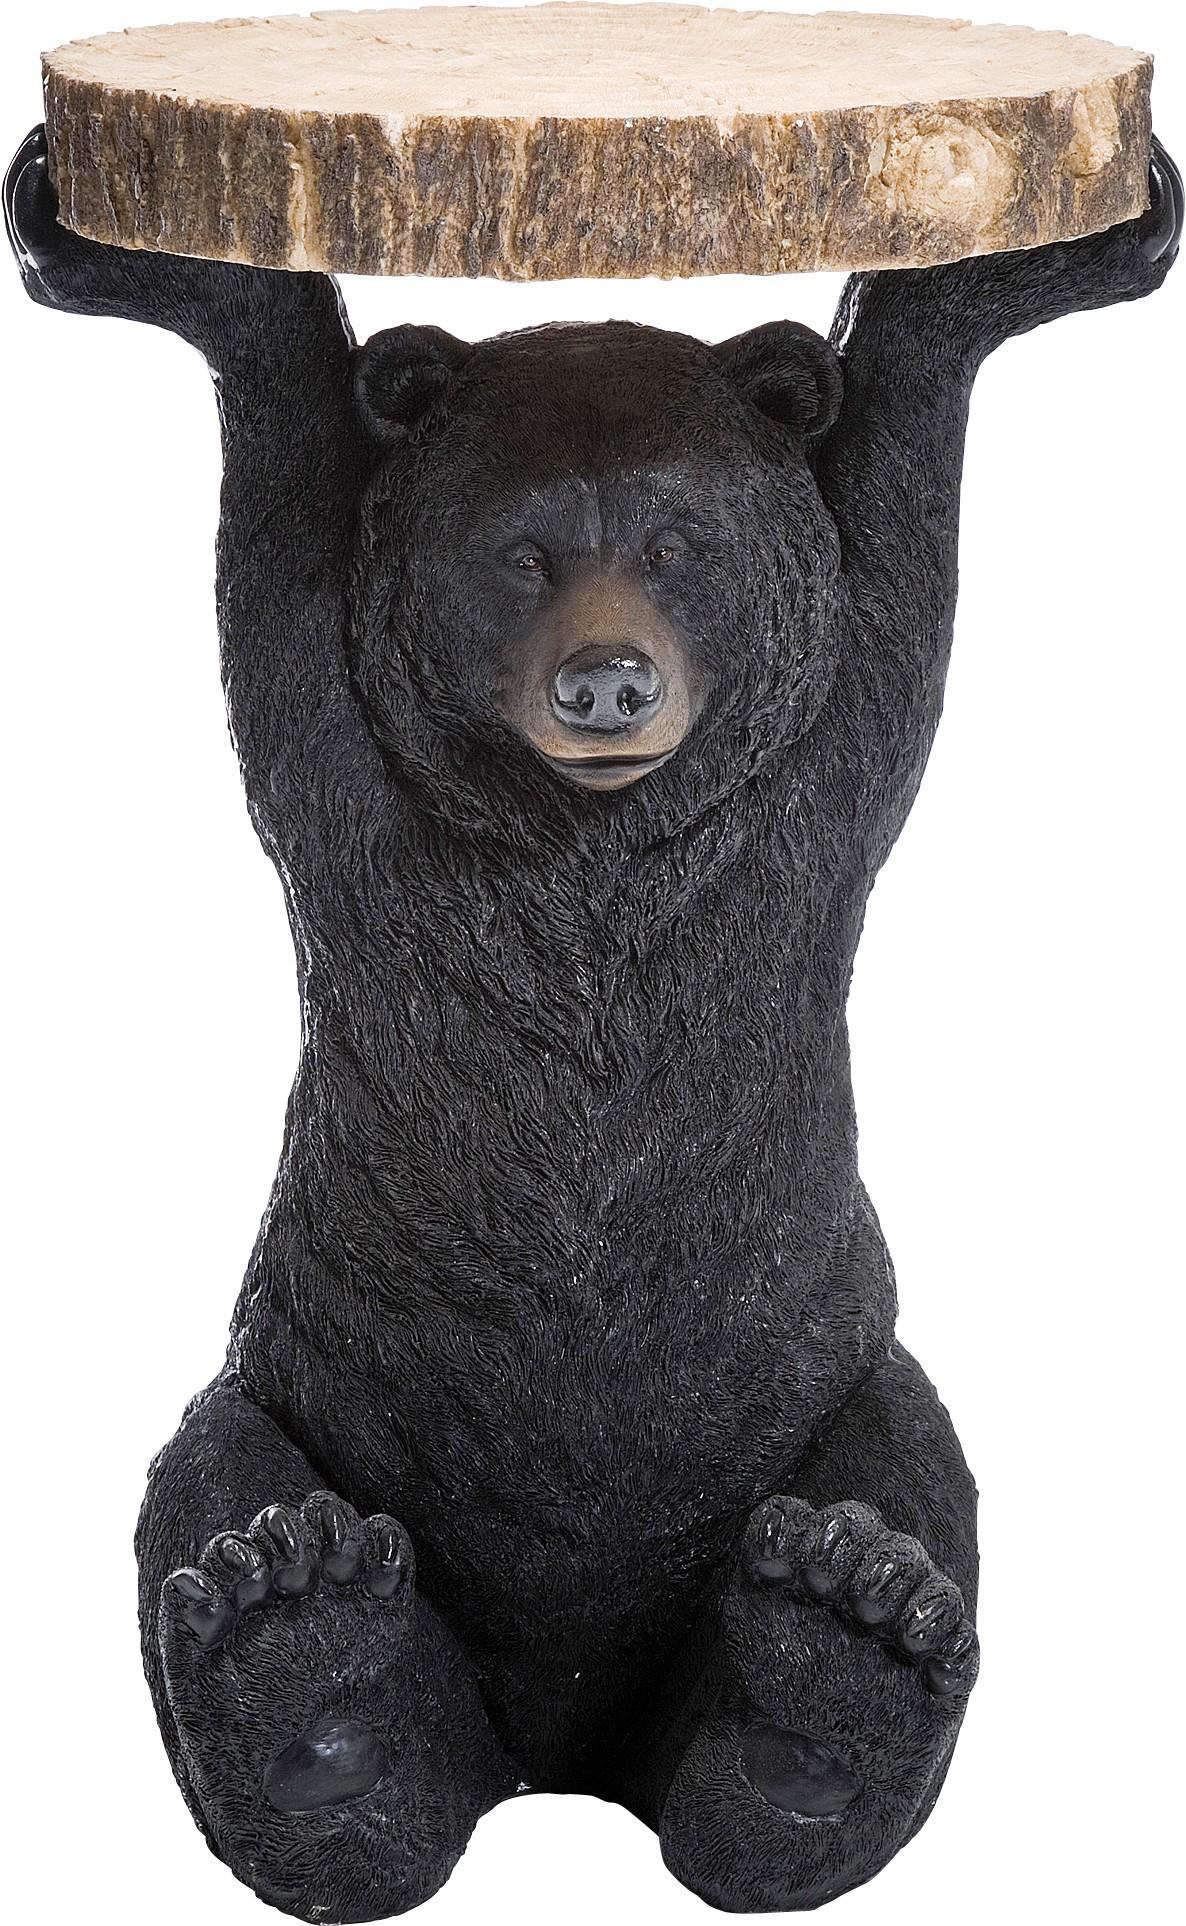 Table d'appoint ours noir en polyrésine